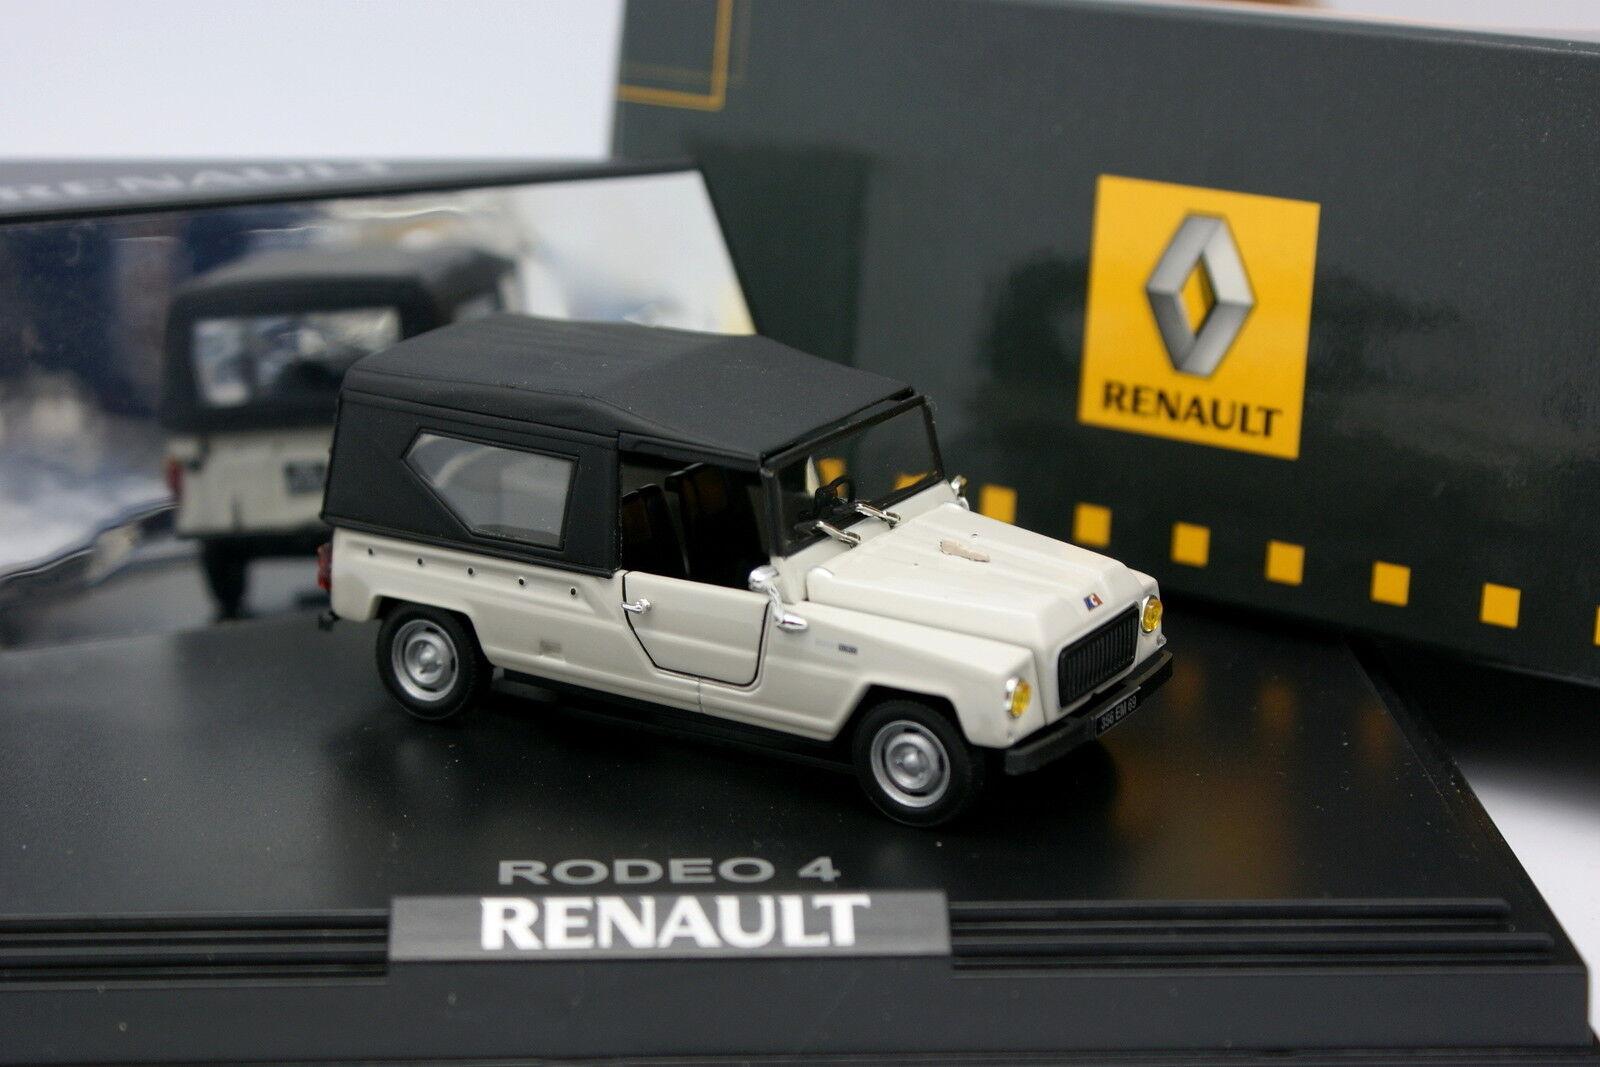 Norev 1 43 - Renault Rodeo 4 Beige